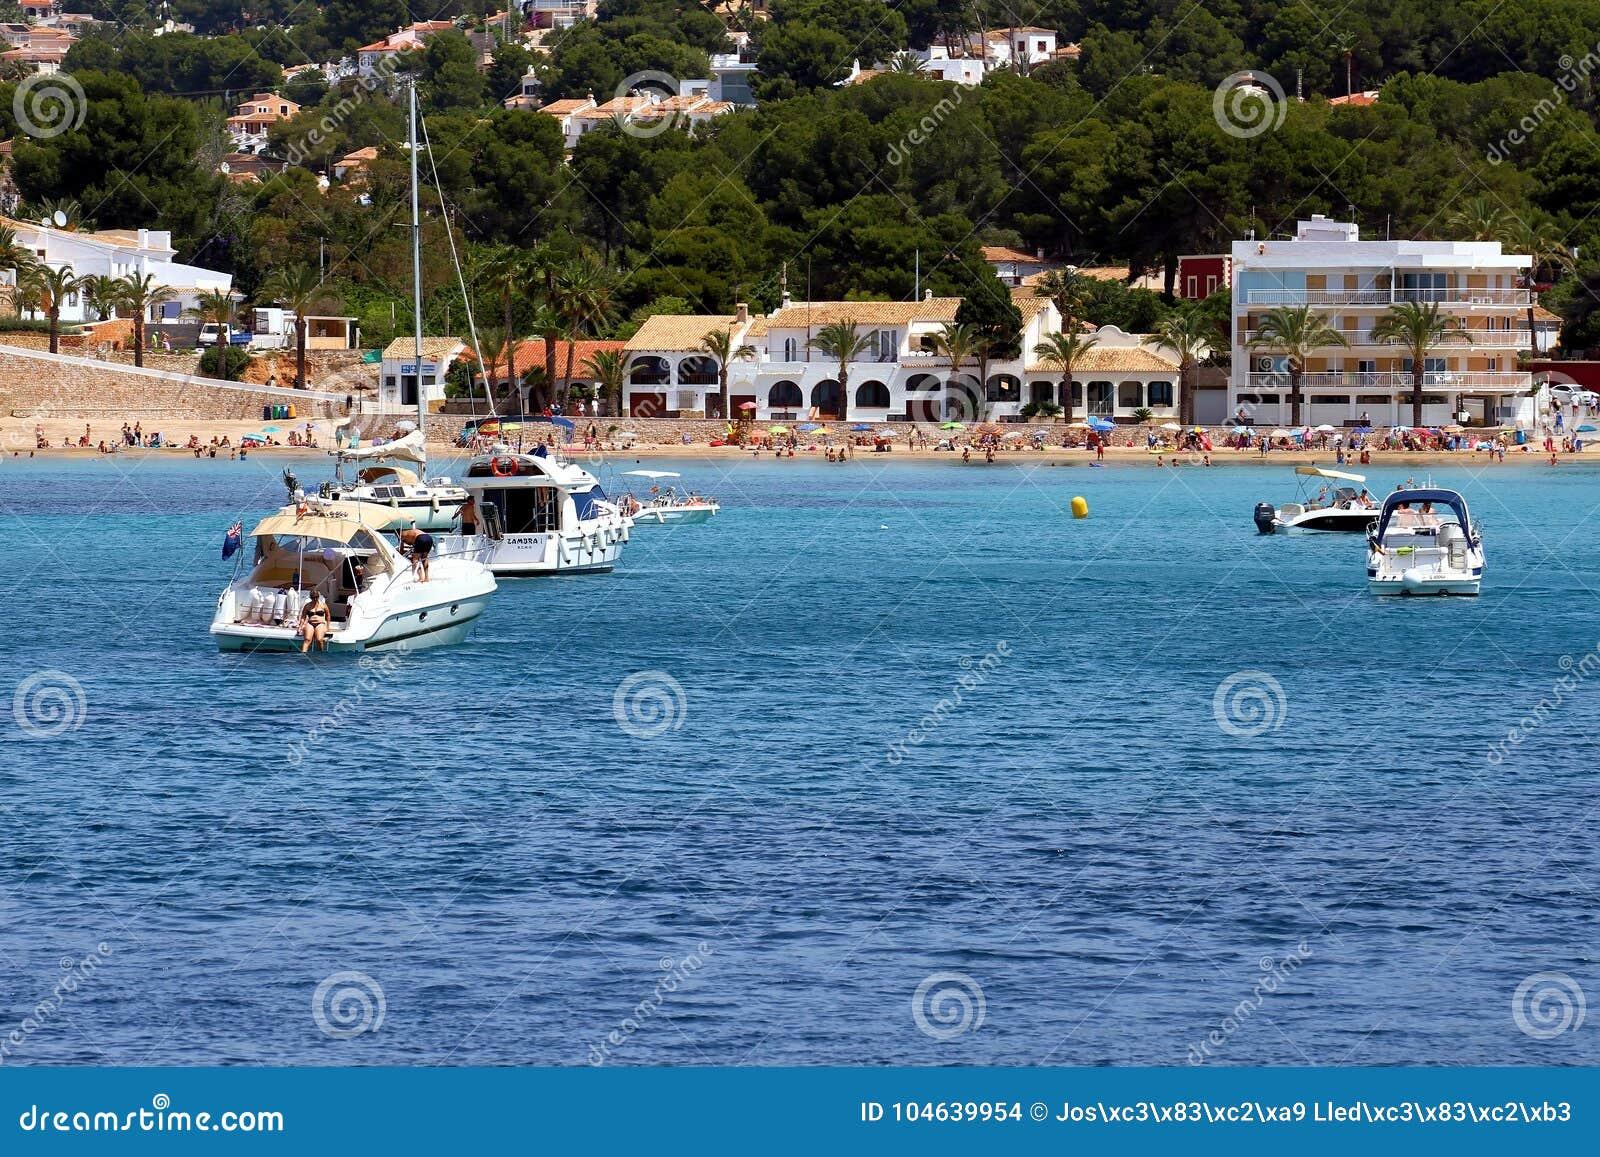 Download Toeristische Kust Van Moraira Met Al Type Van Jachten En Zeilboten Redactionele Stock Afbeelding - Afbeelding bestaande uit allen, overzees: 104639954